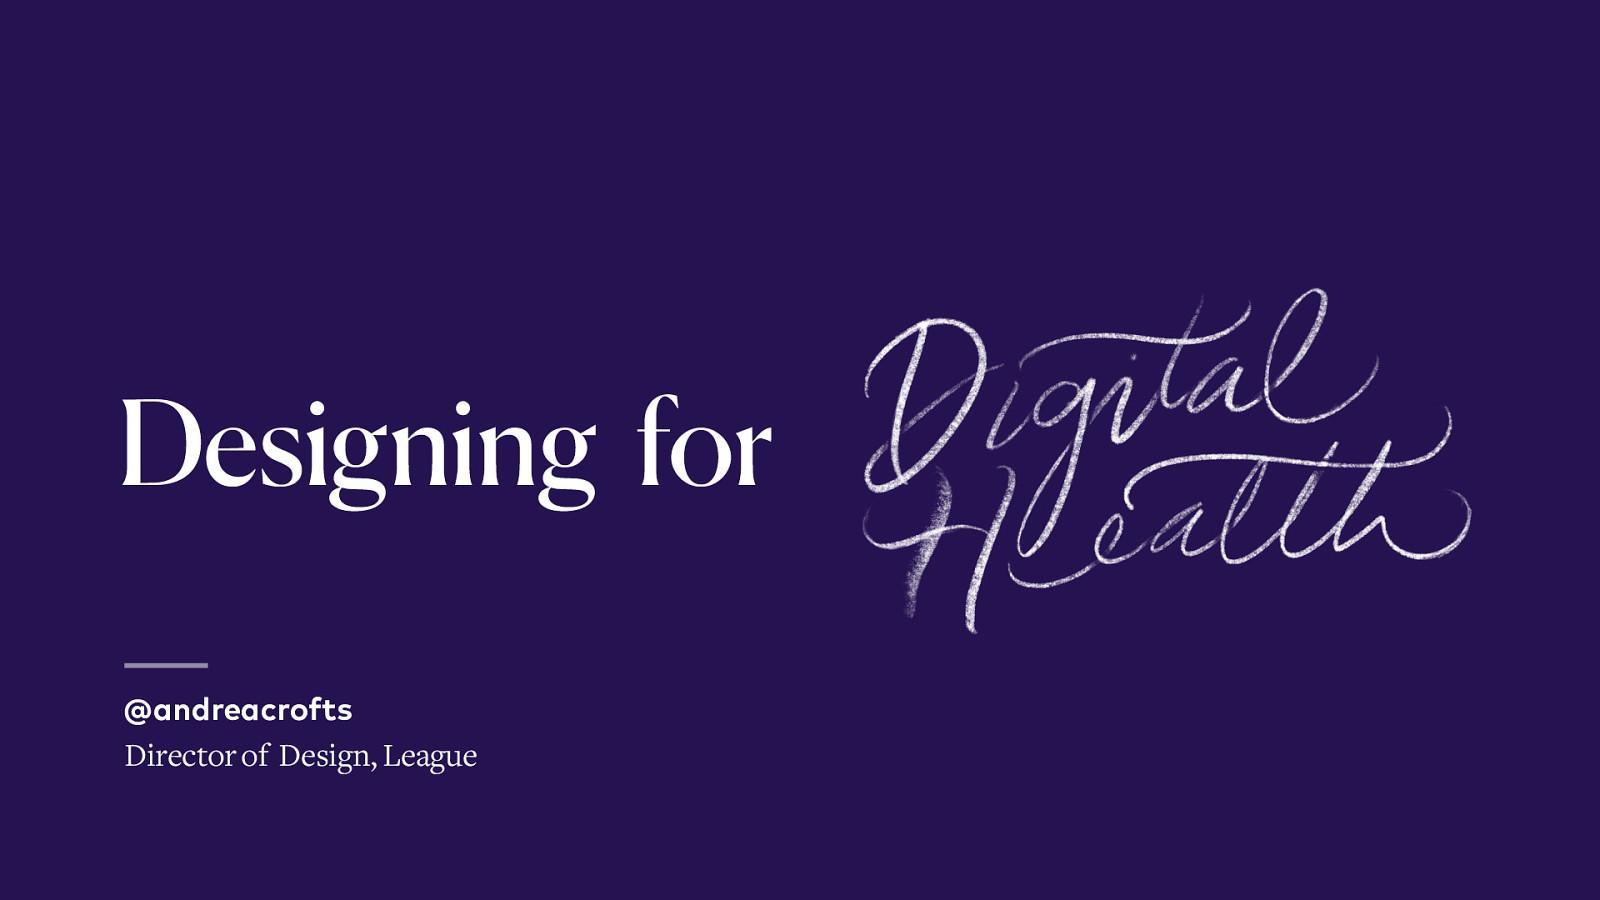 Designing for Digital Health